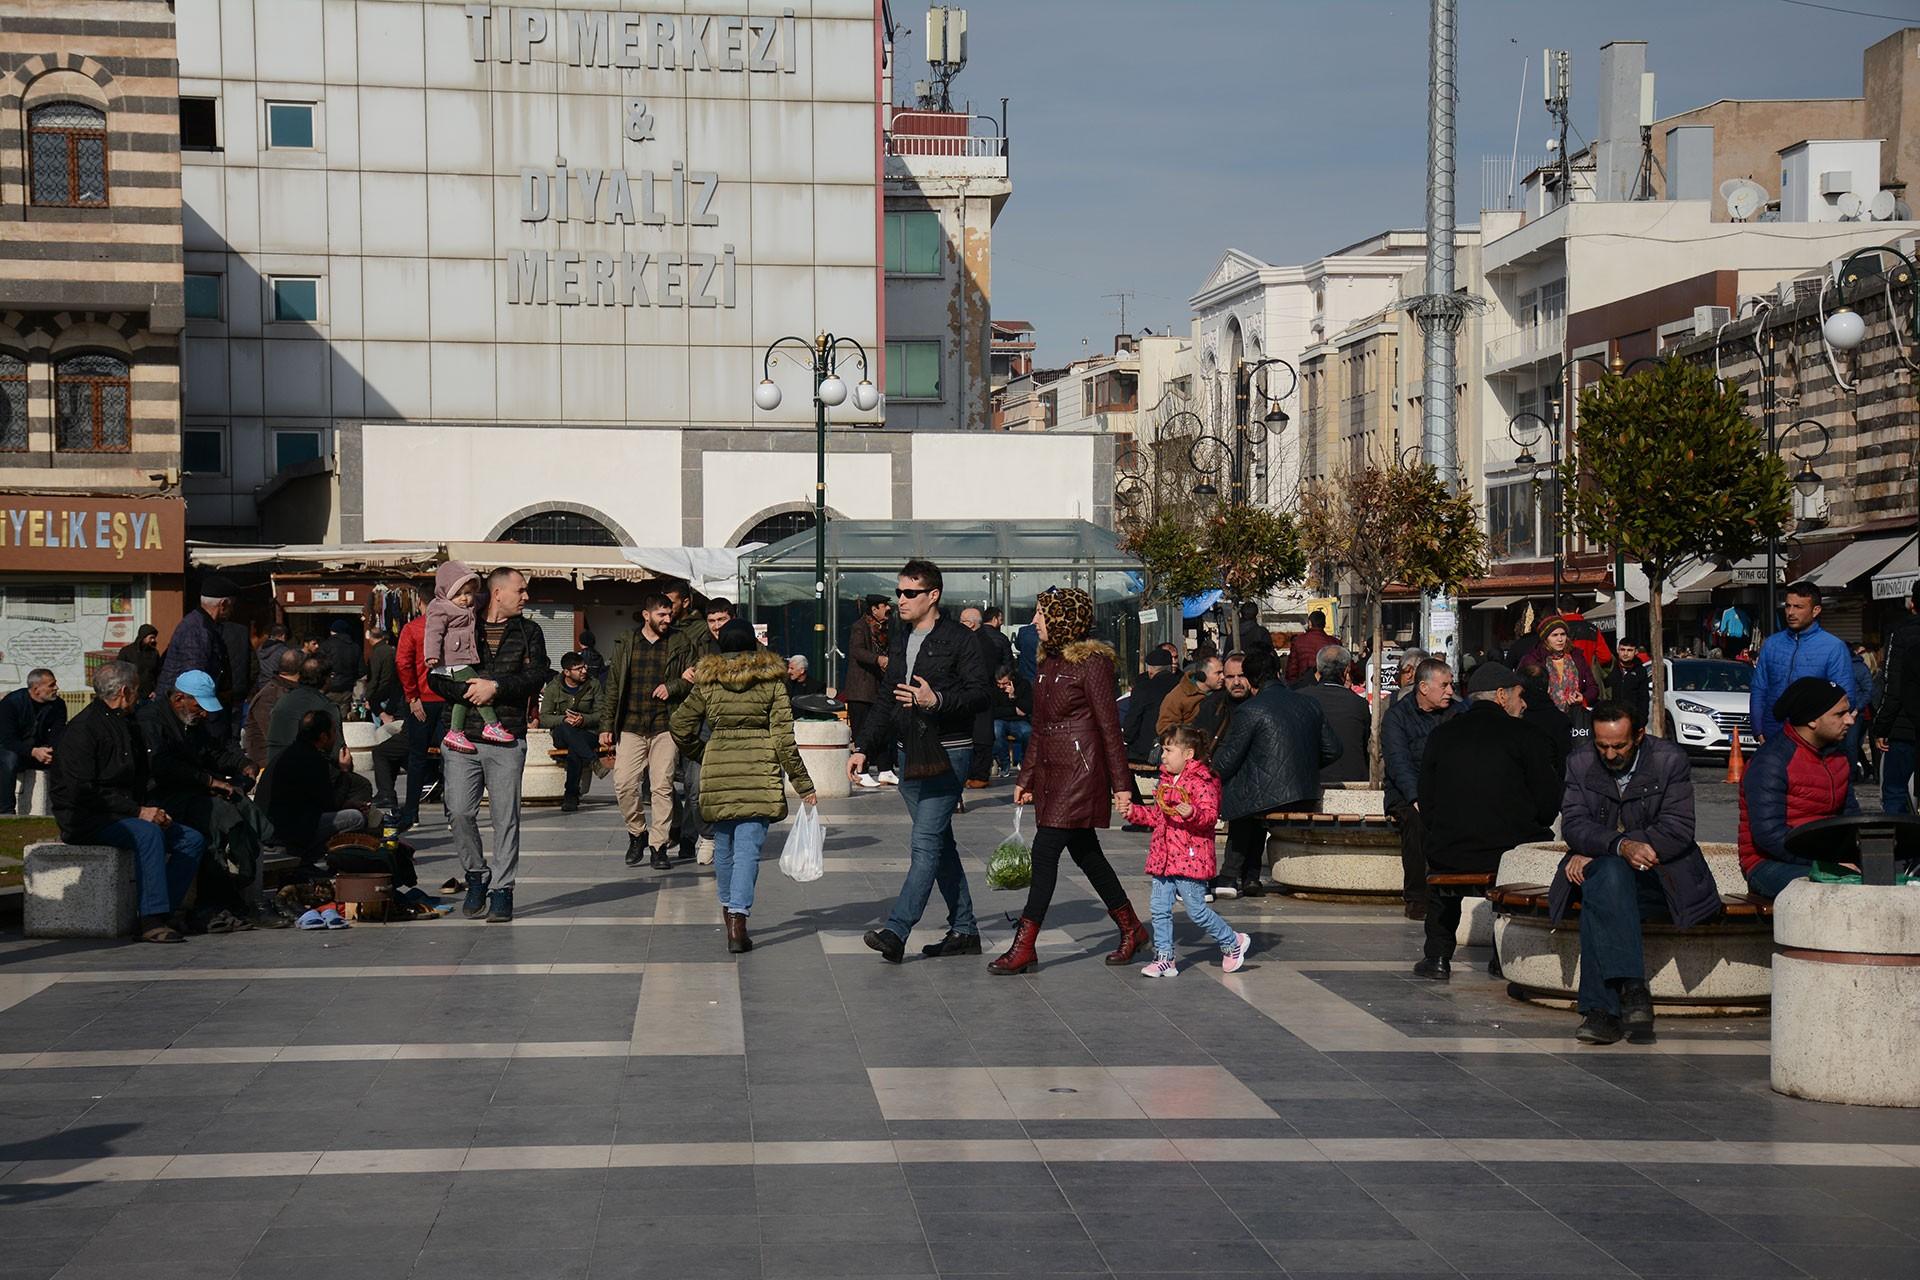 Diyarbakır'de bir meydanda oturan ve yürüyen çok sayıda kişi.